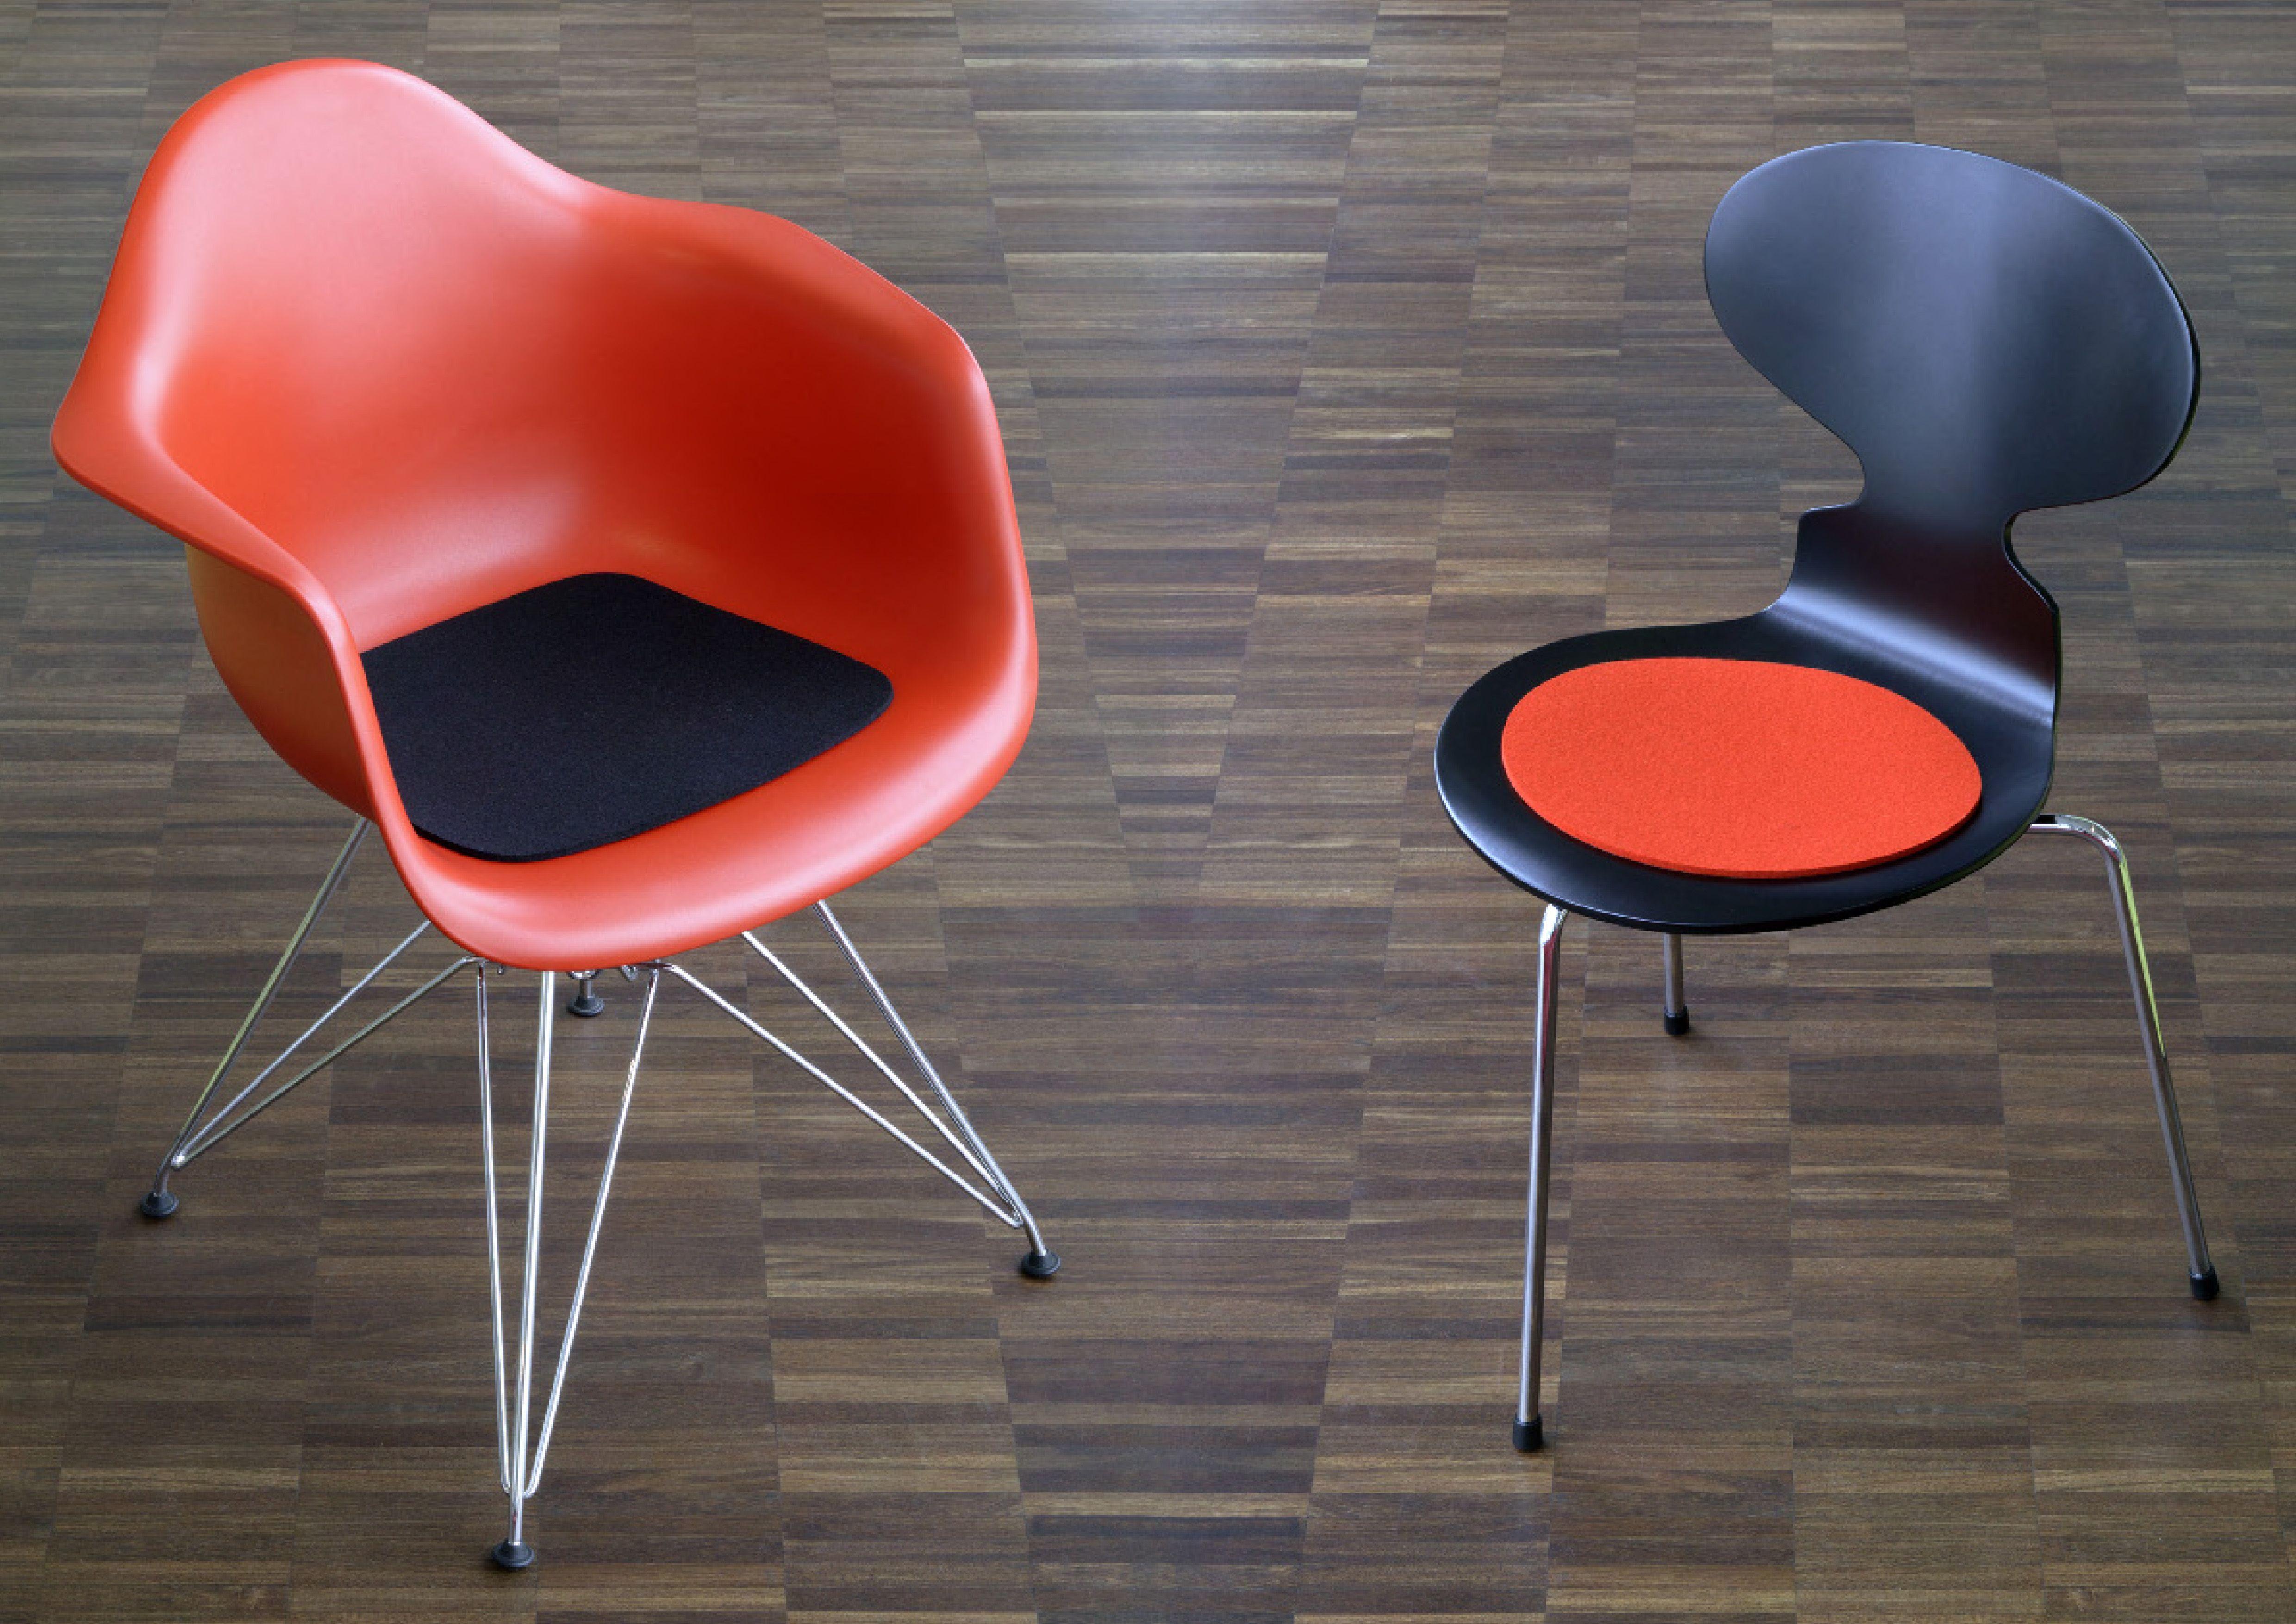 Vilt Kussen Eames : Kleurrijk contrast in deze setting van de eames armchair en de